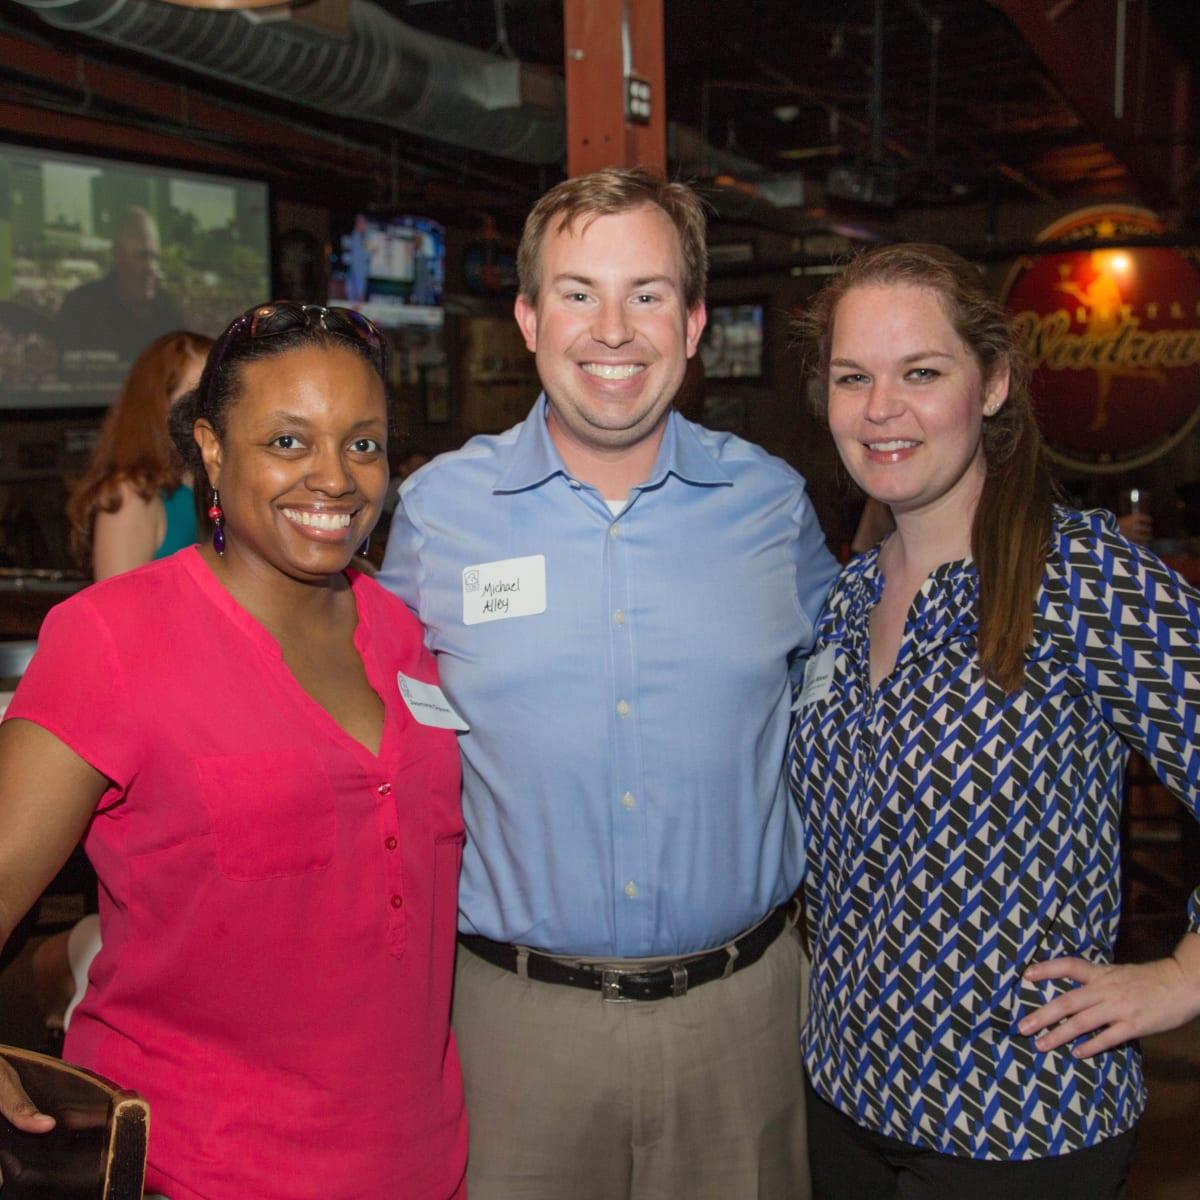 Casa de Esperanza YP event 6/16 Jasmine Gipson, Michael Alley, Laura Minor